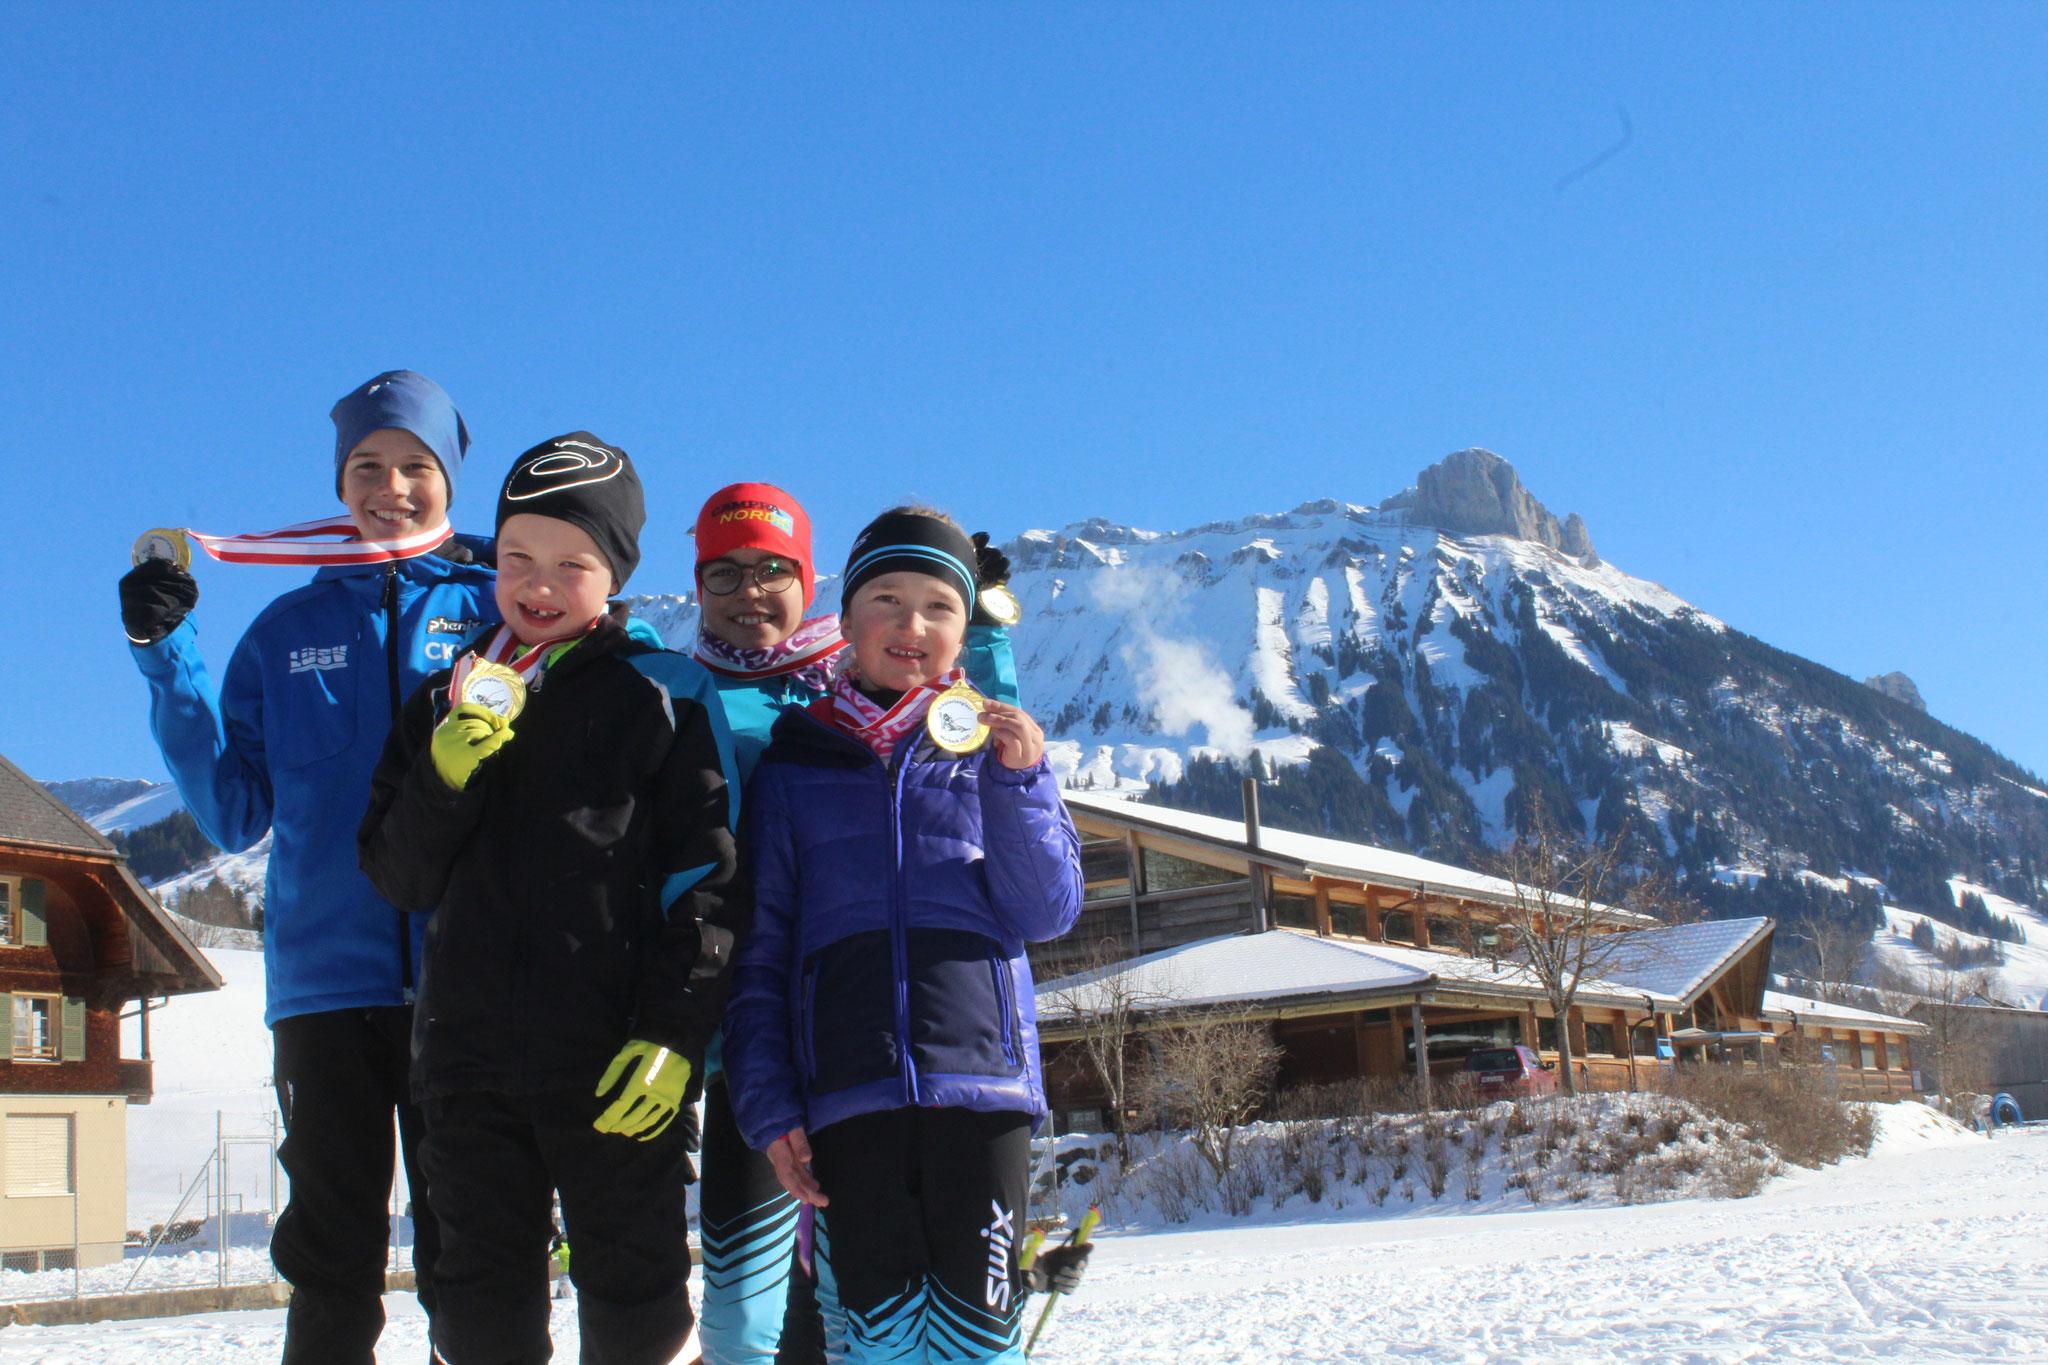 Die Kategoriesieger sind stolz auf ihre tolle Leistung. v.l. Jean-Luca Haas, Nino Emmenegger, Carina Haas und Emma Zihlmann